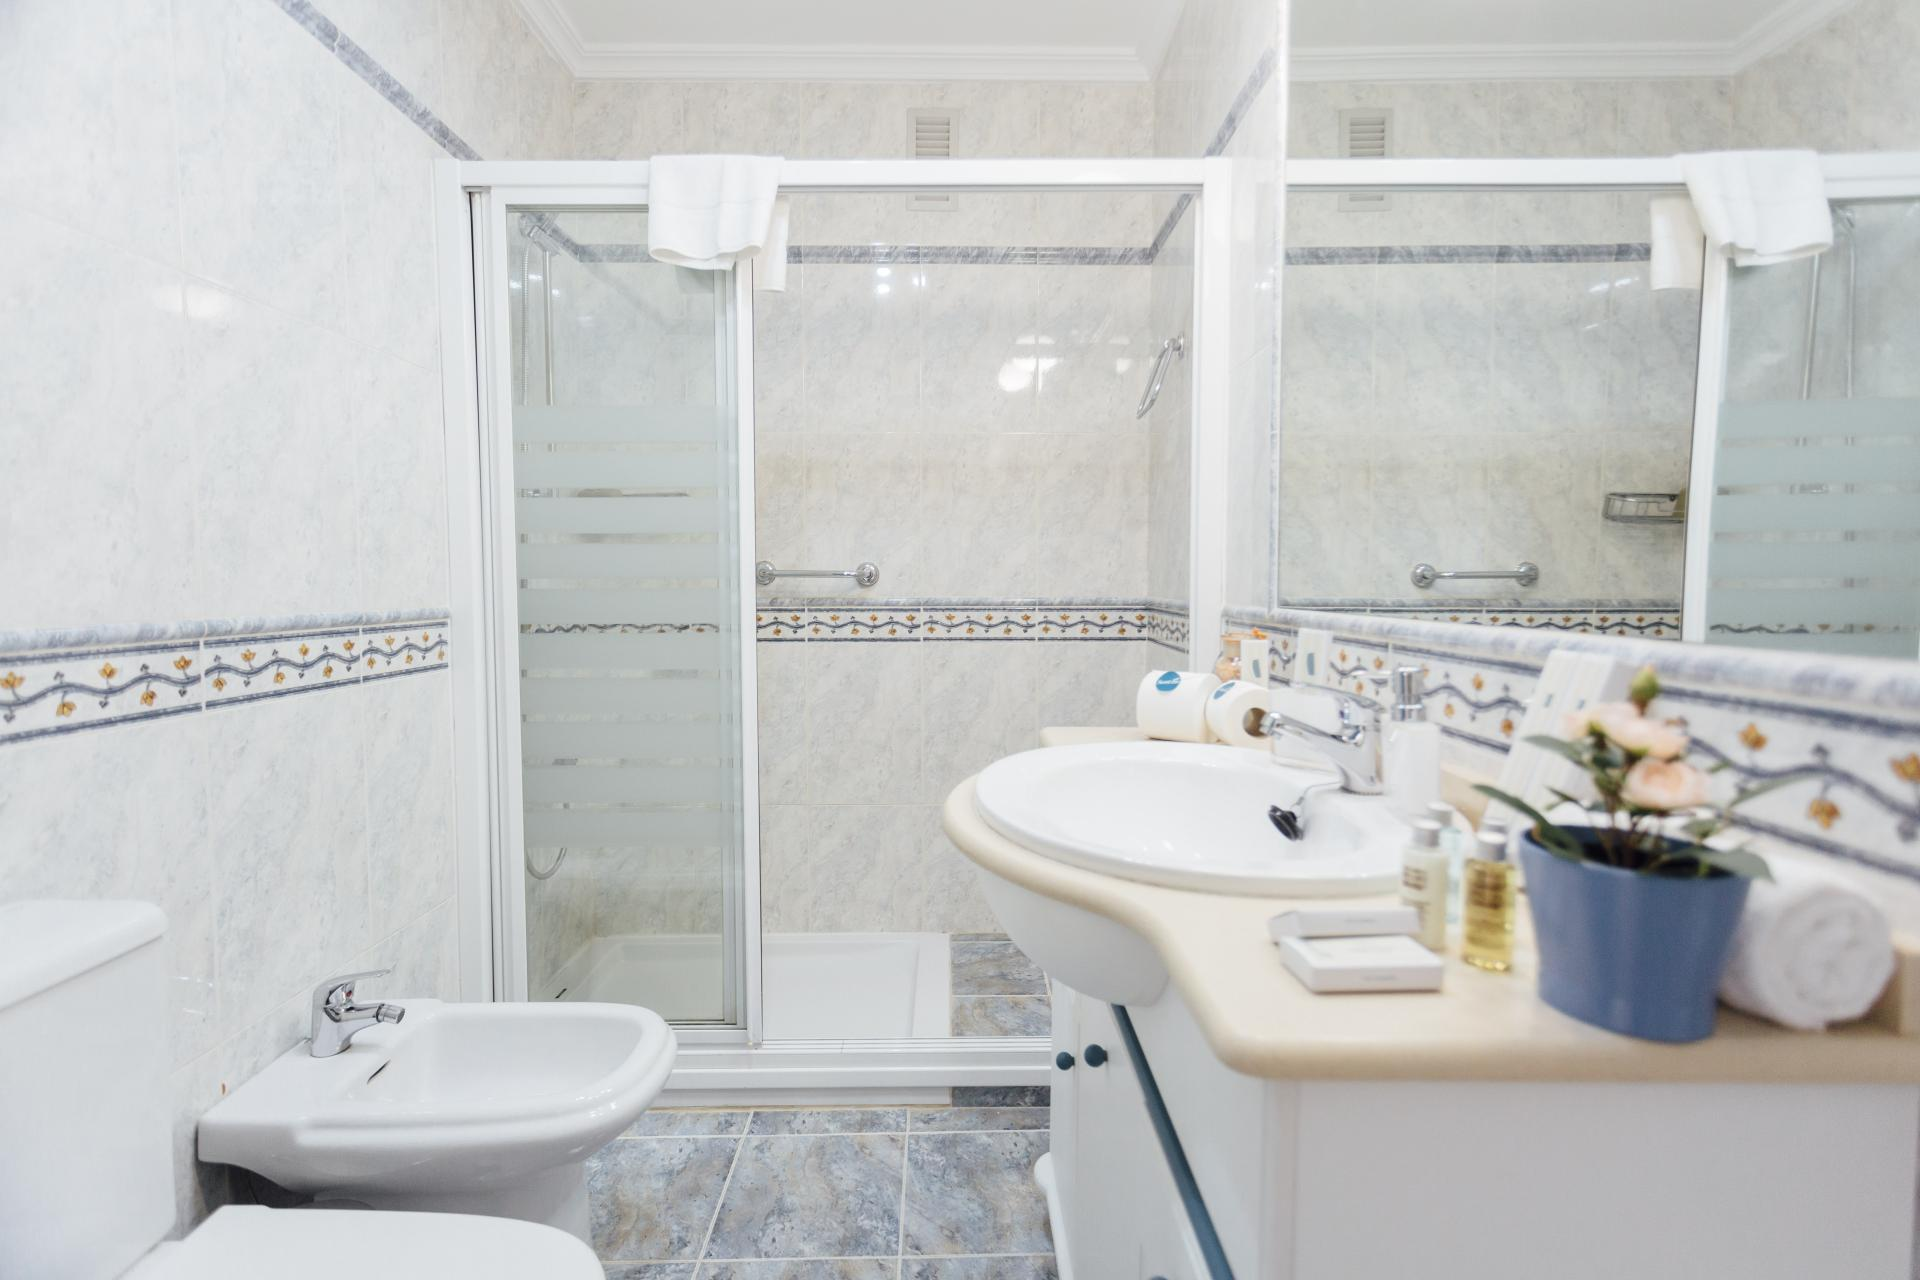 Shower at Plaza de Zurradores Apartment